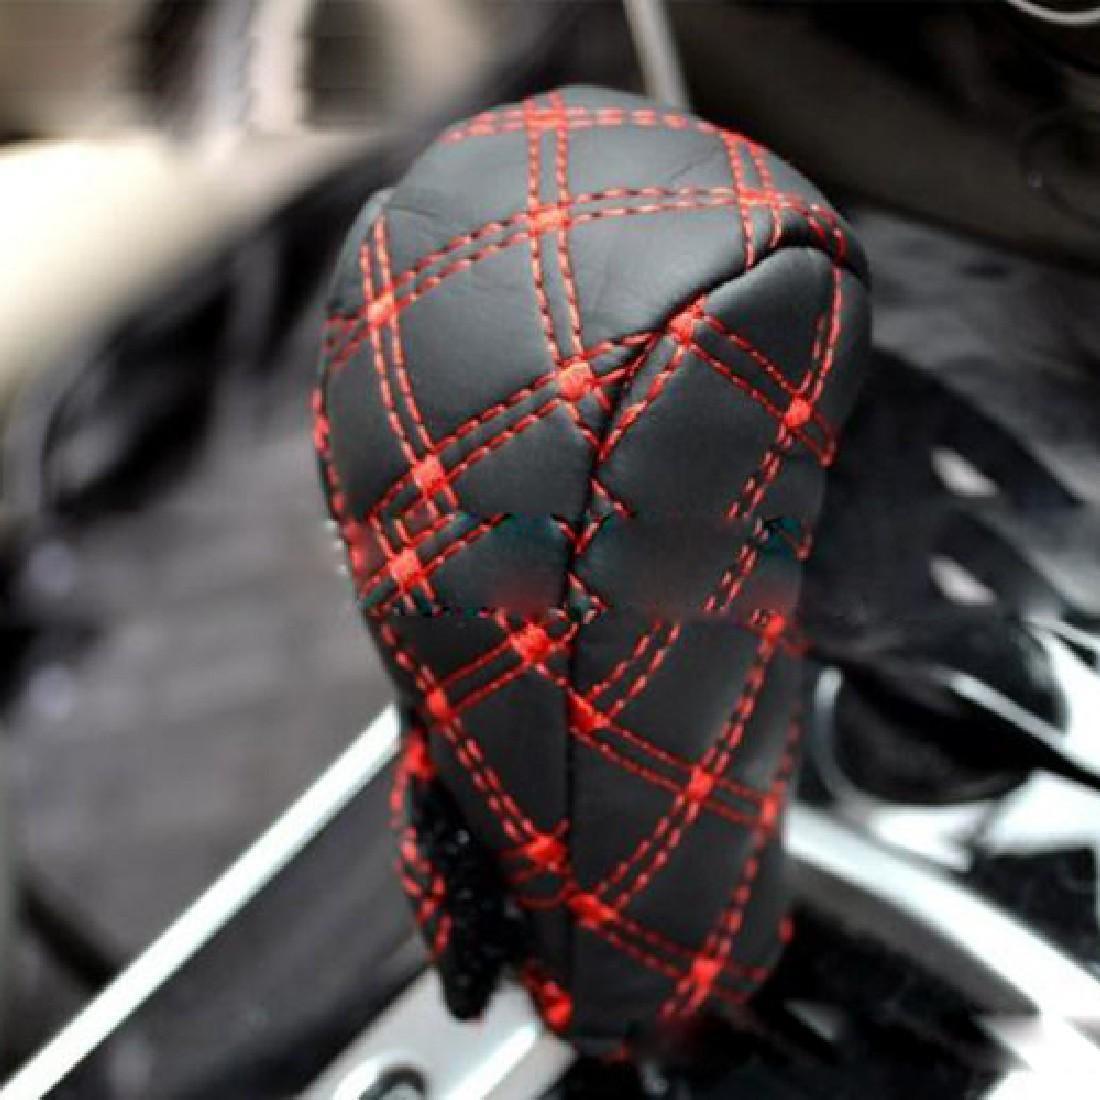 Gear Stick Cover Cover Gear Shift Stick